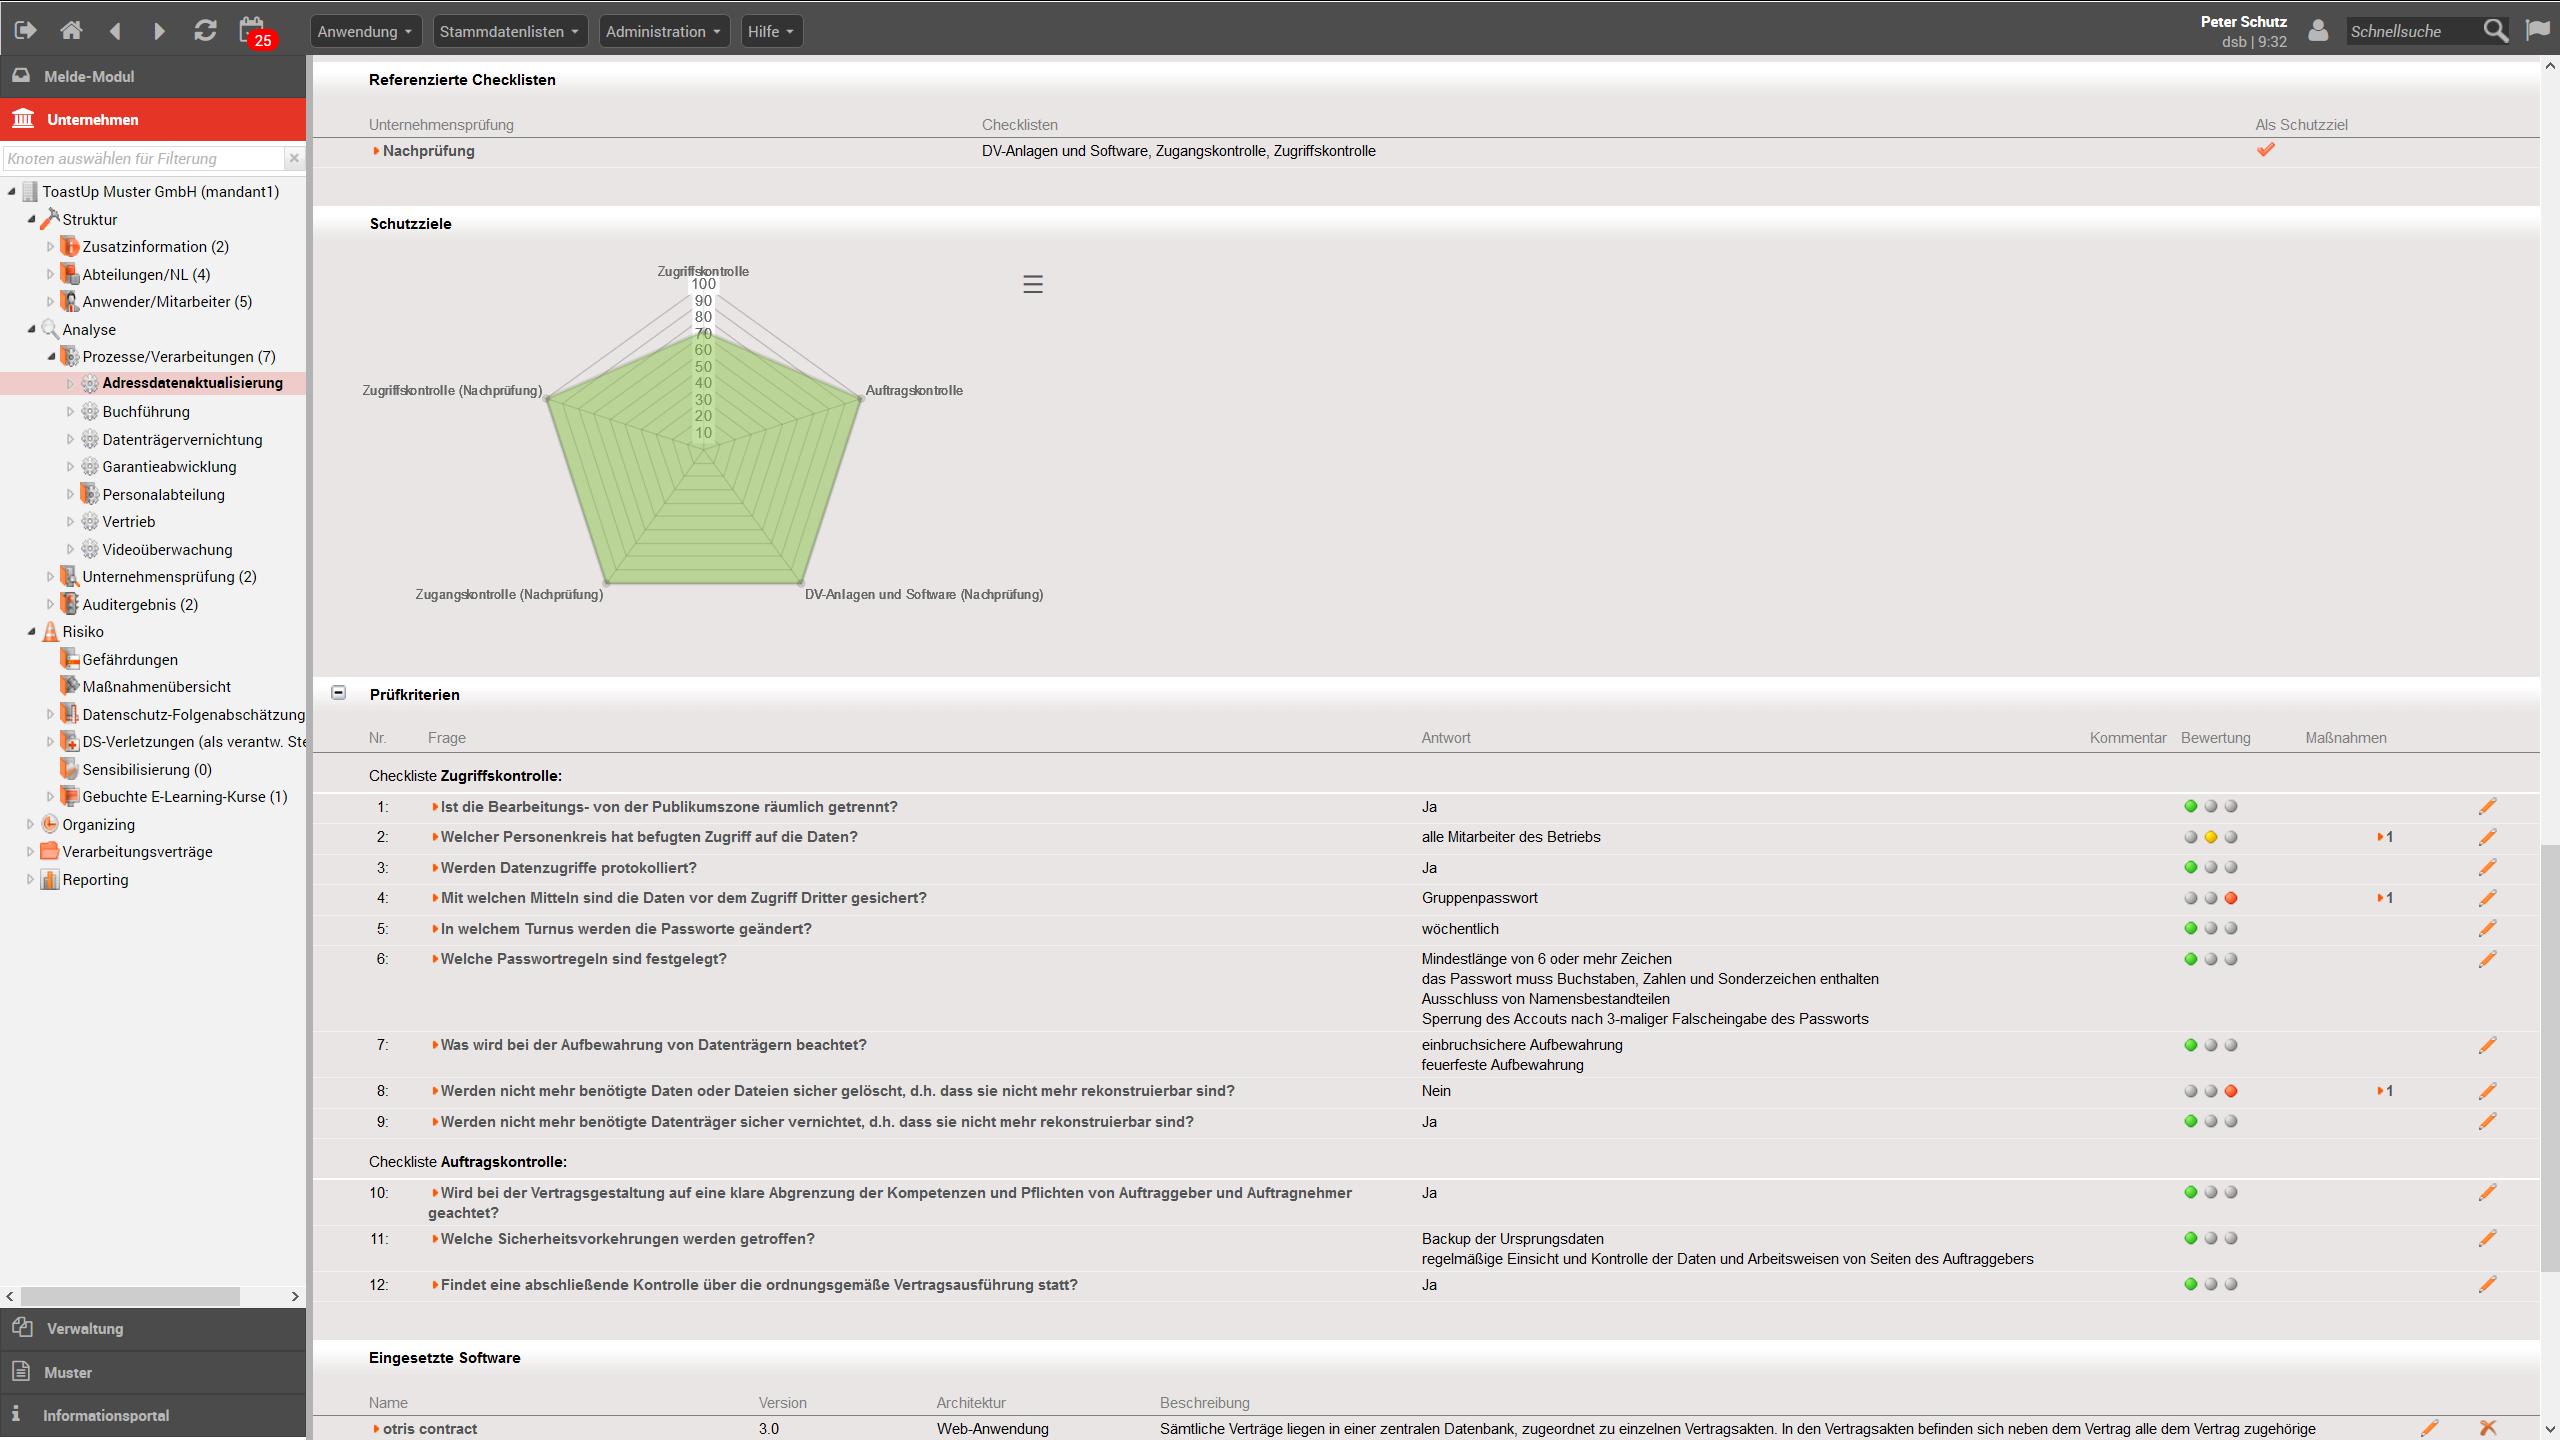 datenschutzmanagement-otris-privacy_netzdiagramm